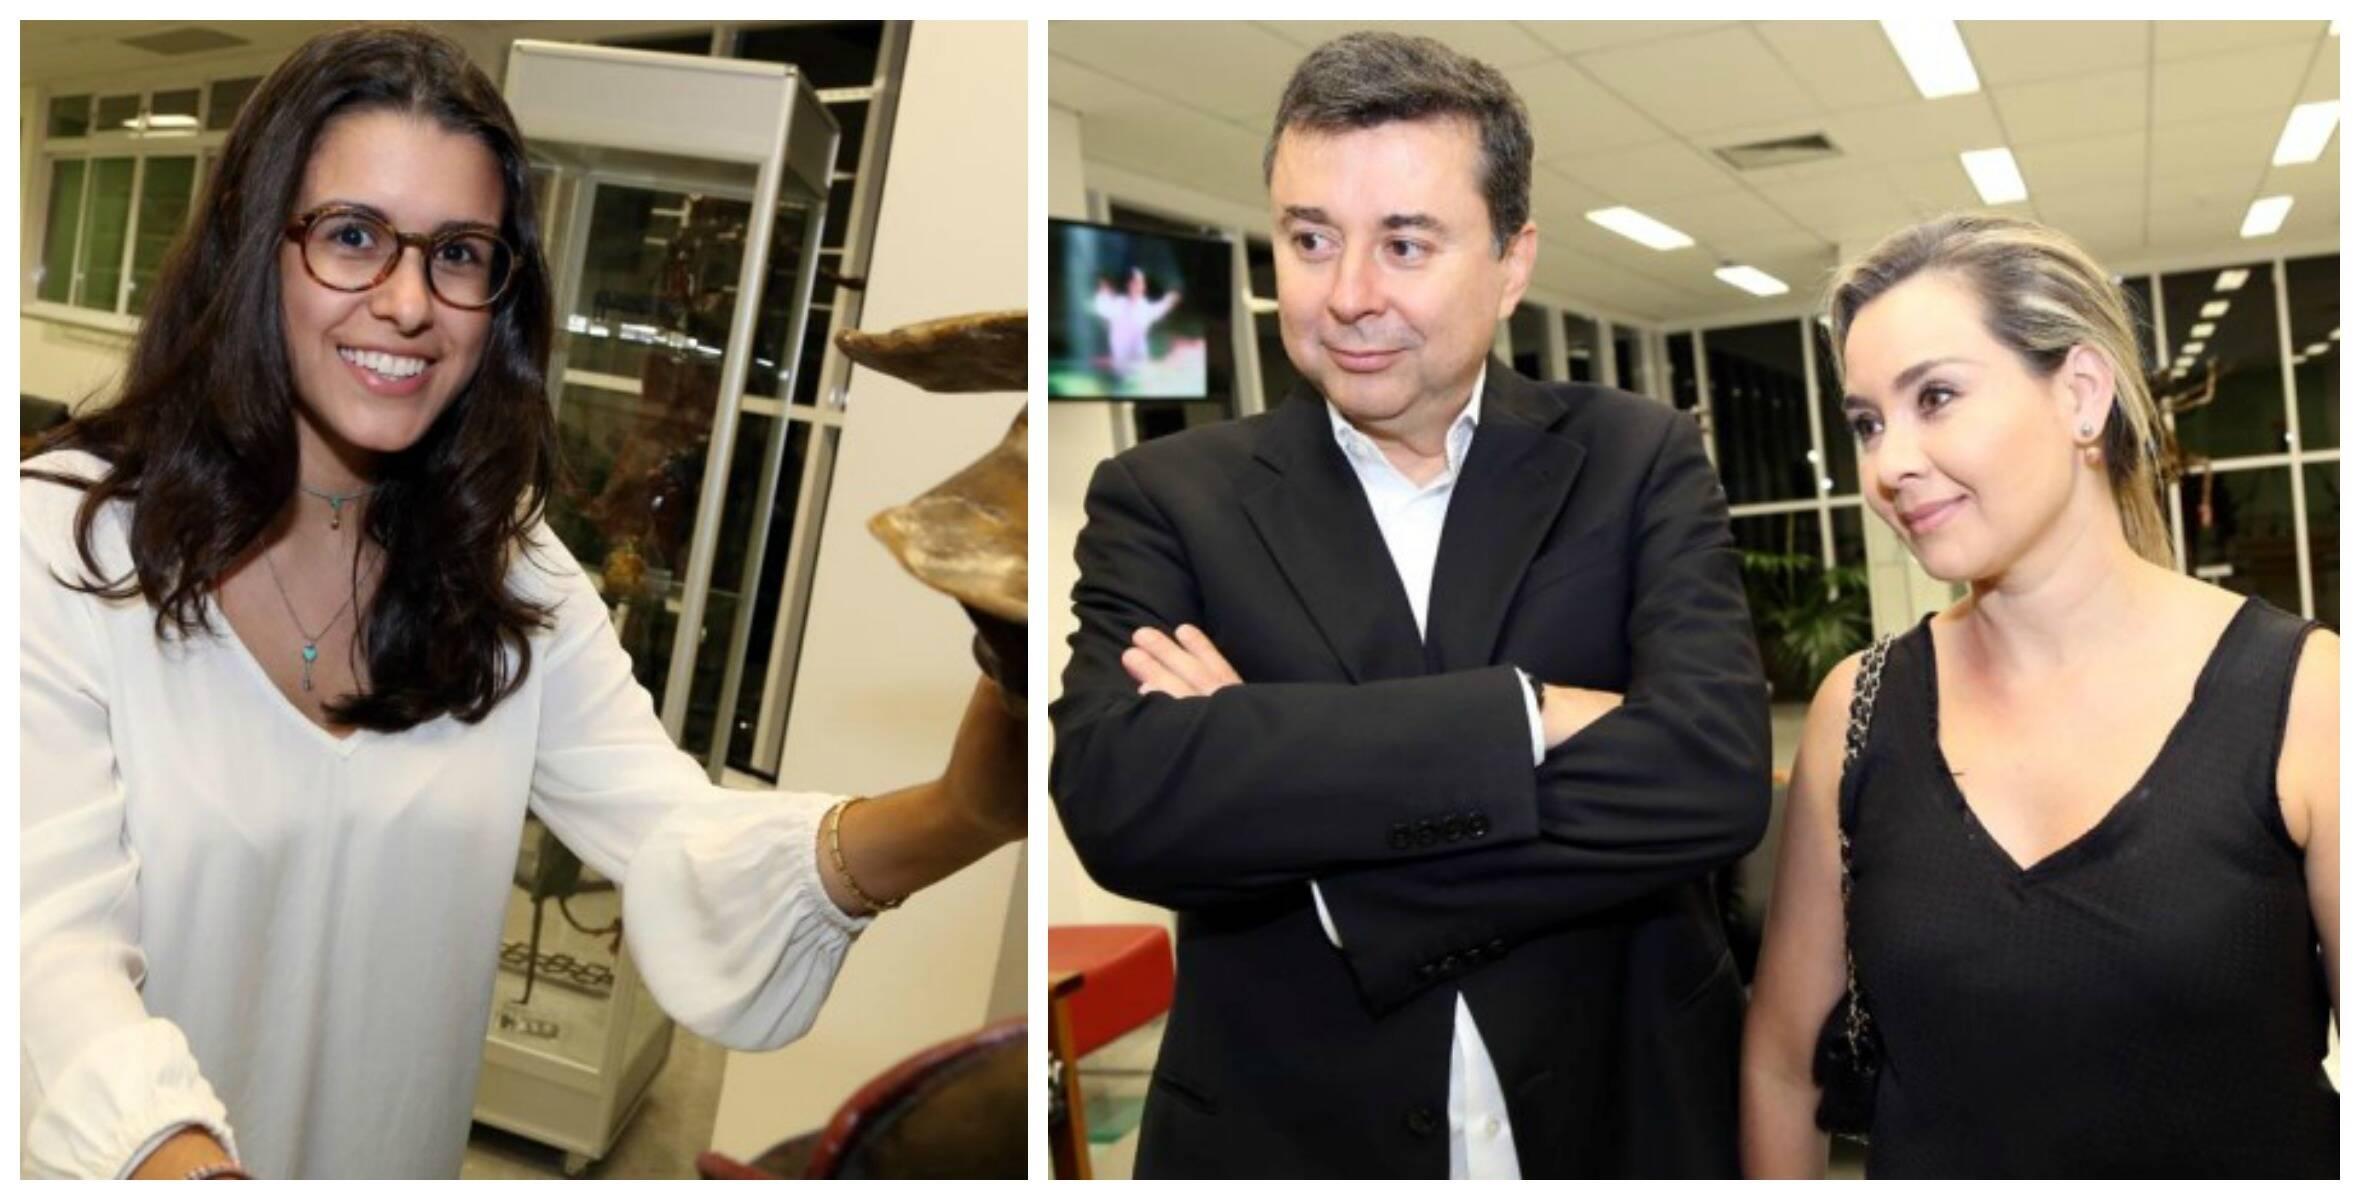 A artista plástica Sandra Guinle, no alto; acima, sua filha Maria Isabel Guinle; à direita, o presidente do Google no Brasil, Fábio Coelho, e Maria Fernanda/ Fotos: Marina Malheiros